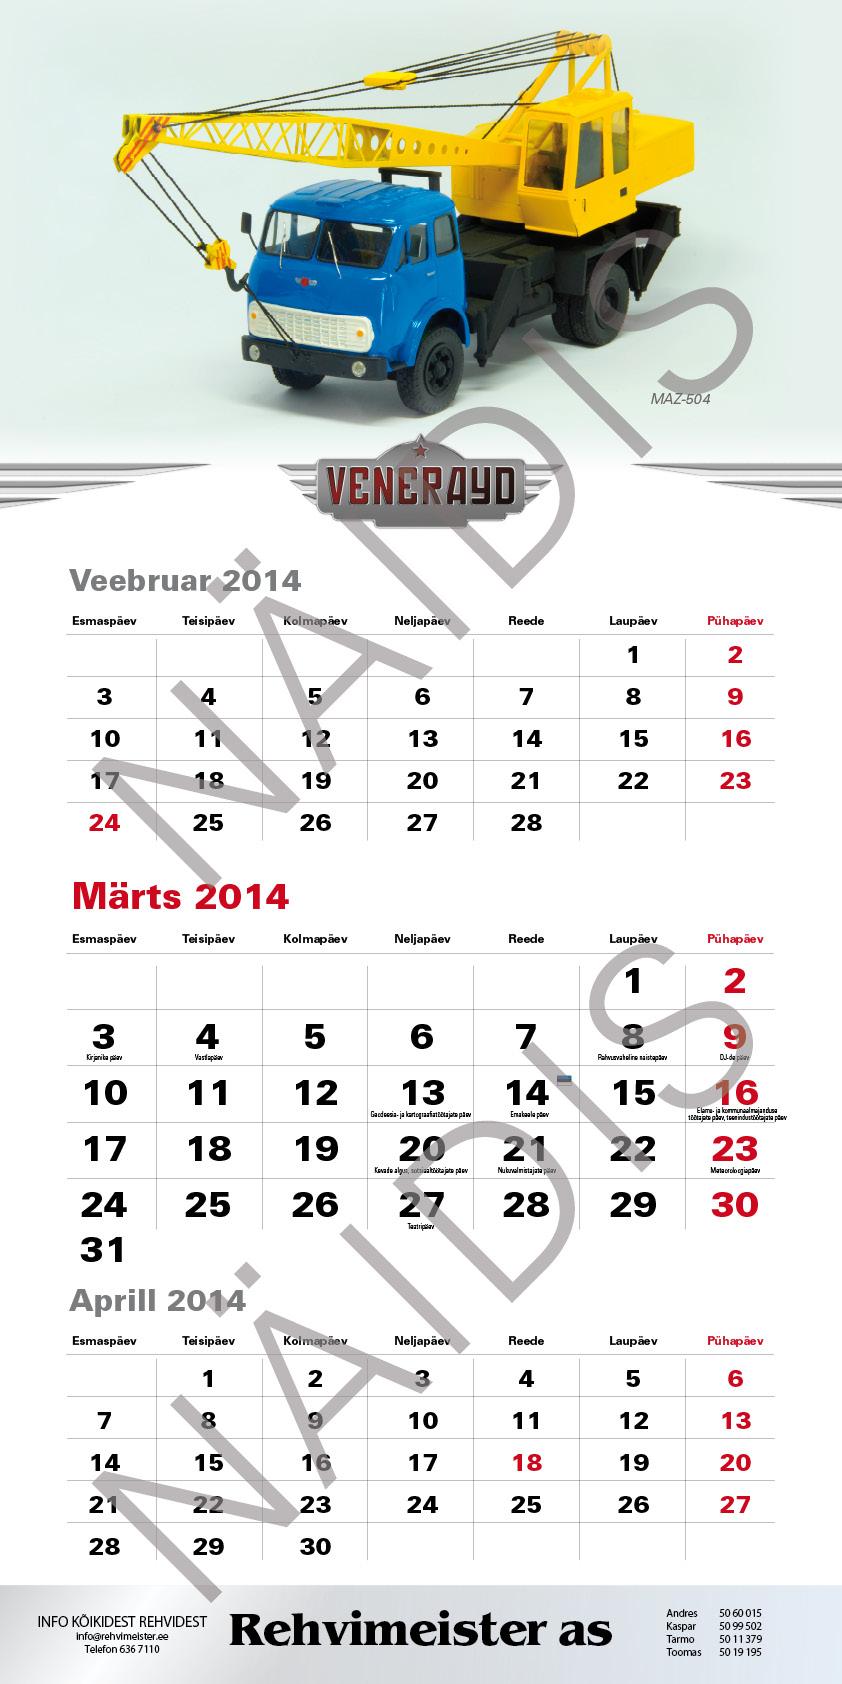 Veneraud_kalender_20144